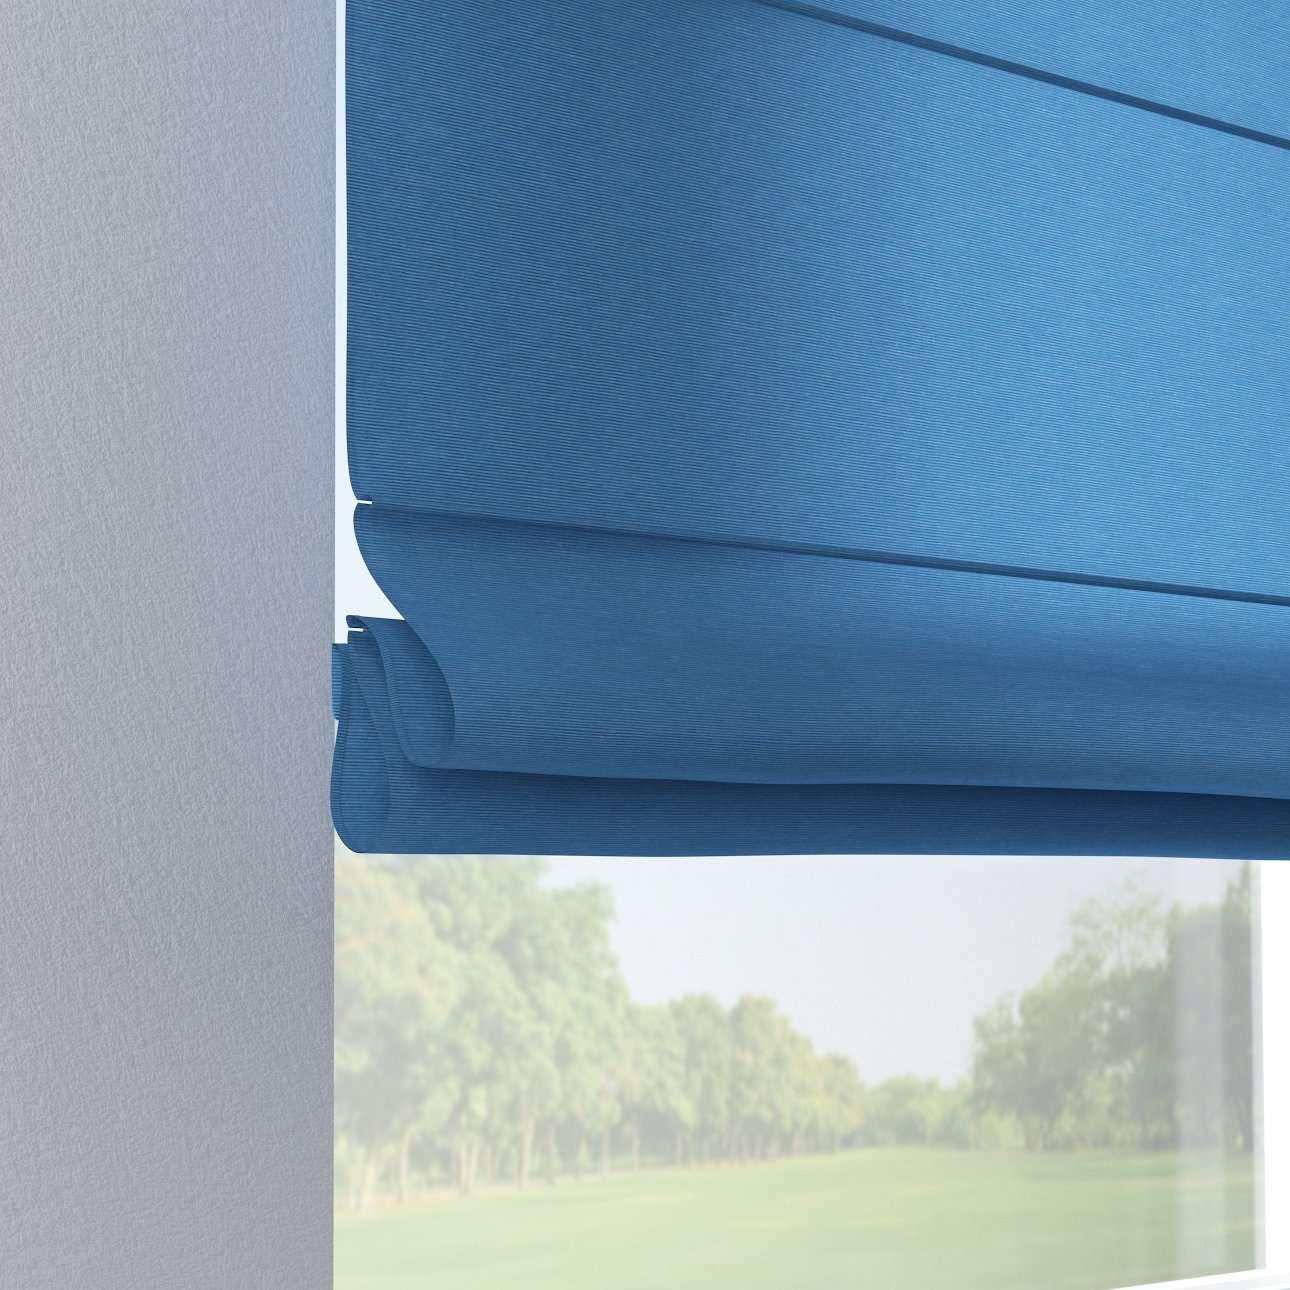 Foldegardin Verona<br/>Med stropper til gardinstang 80 x 170 cm fra kollektionen Jupiter, Stof: 127-61